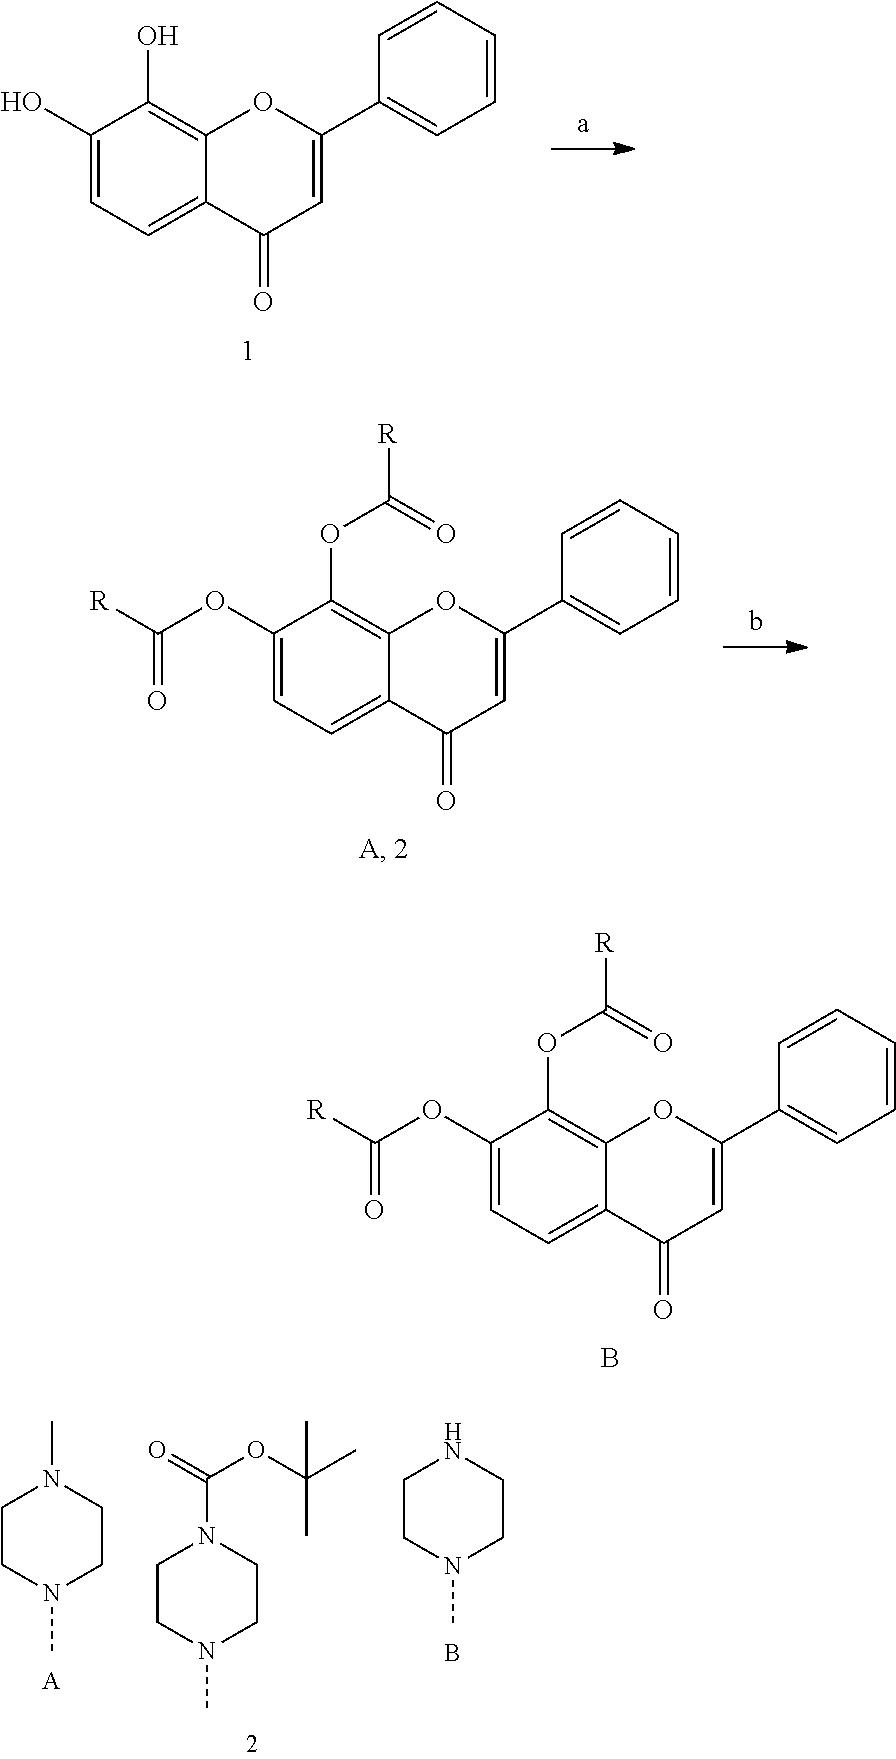 Figure US09975868-20180522-C00016